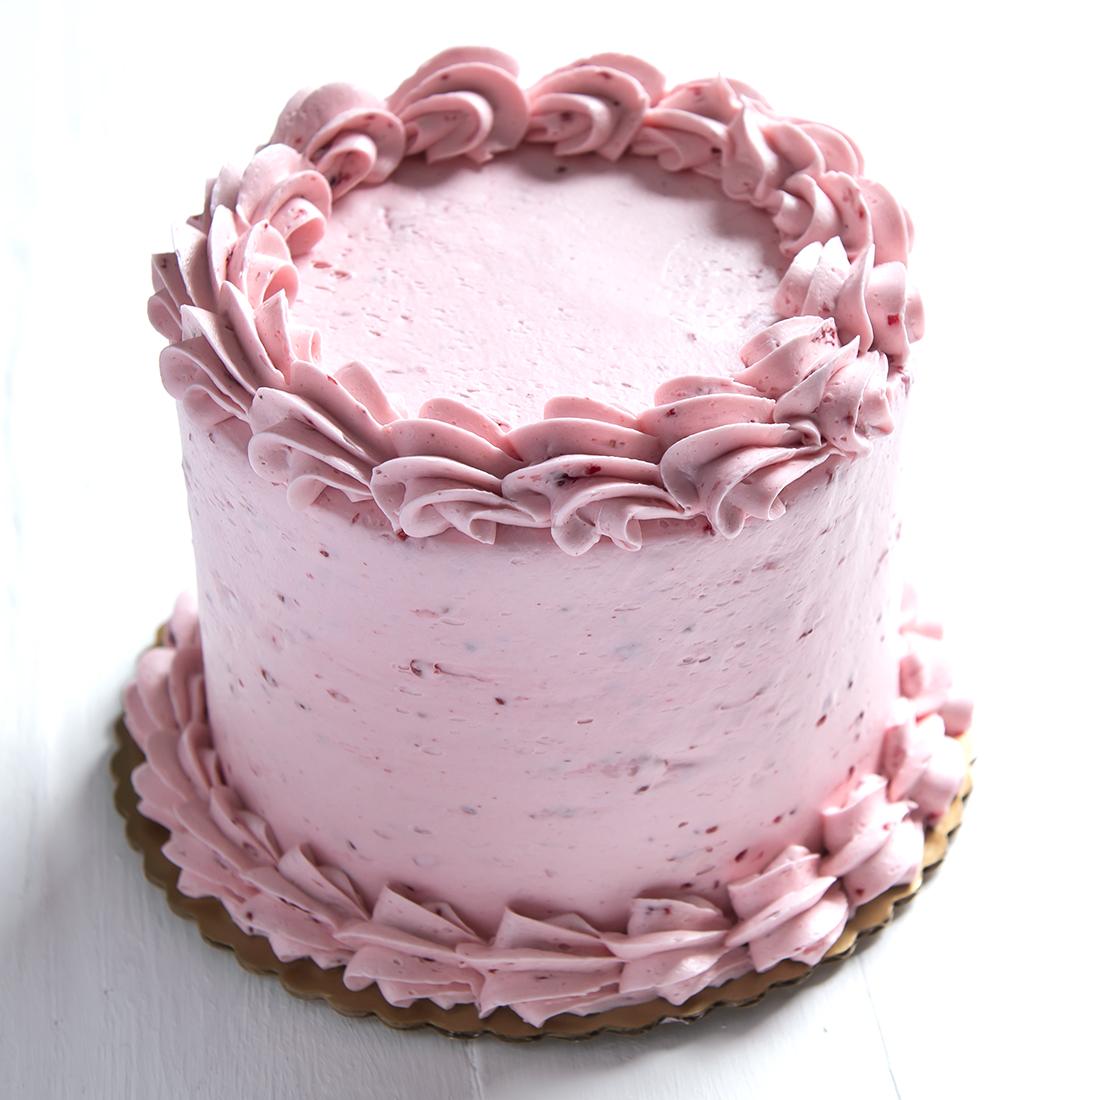 Lemon Raspberry - Lemon cake, raspberry buttercream filling and frosting6